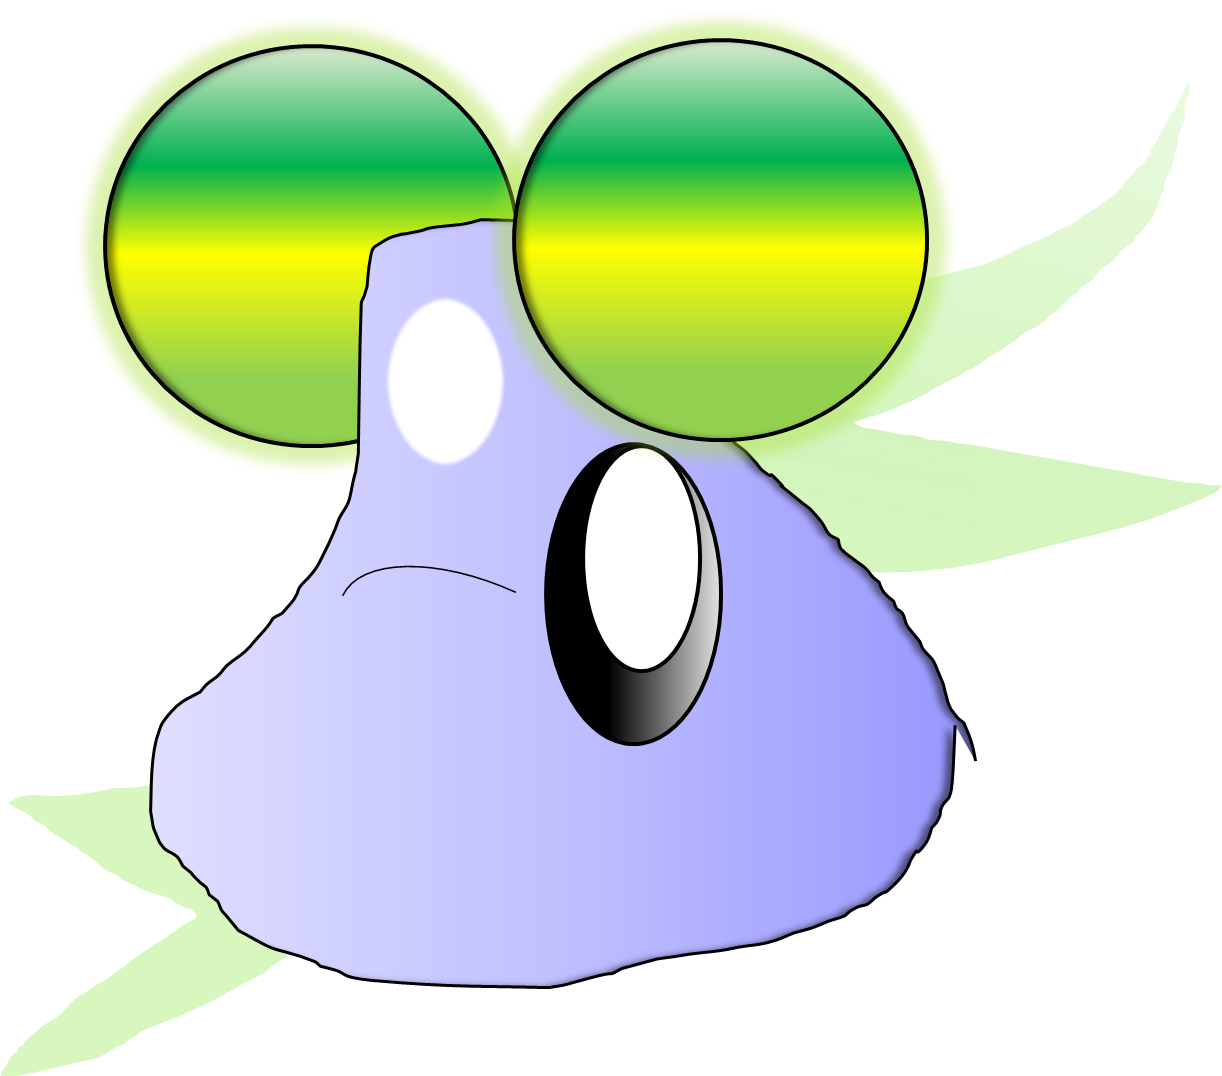 Energy clipart fizz. Kirby fan fiction wiki